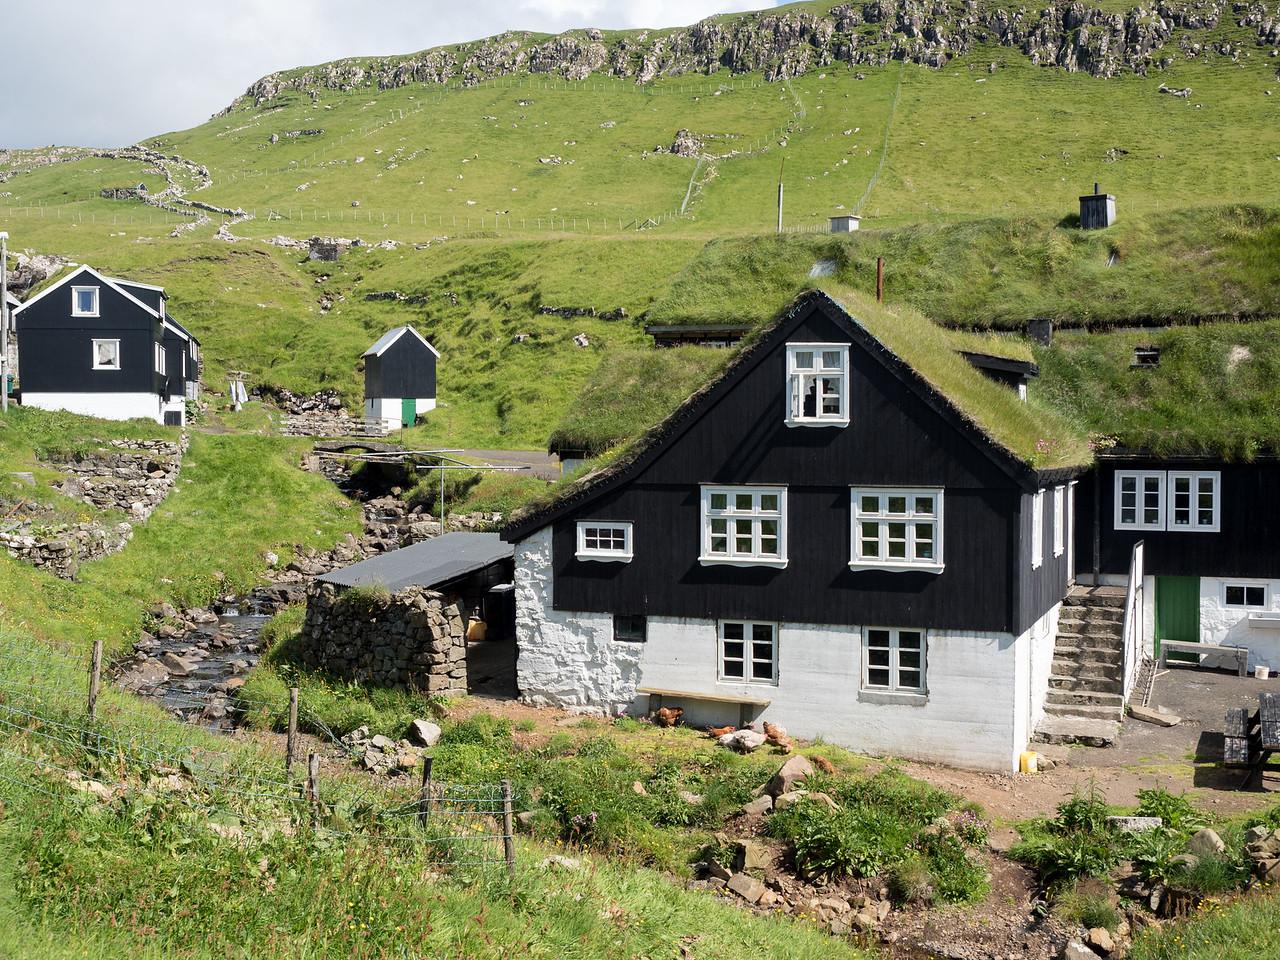 Houses in Mykines